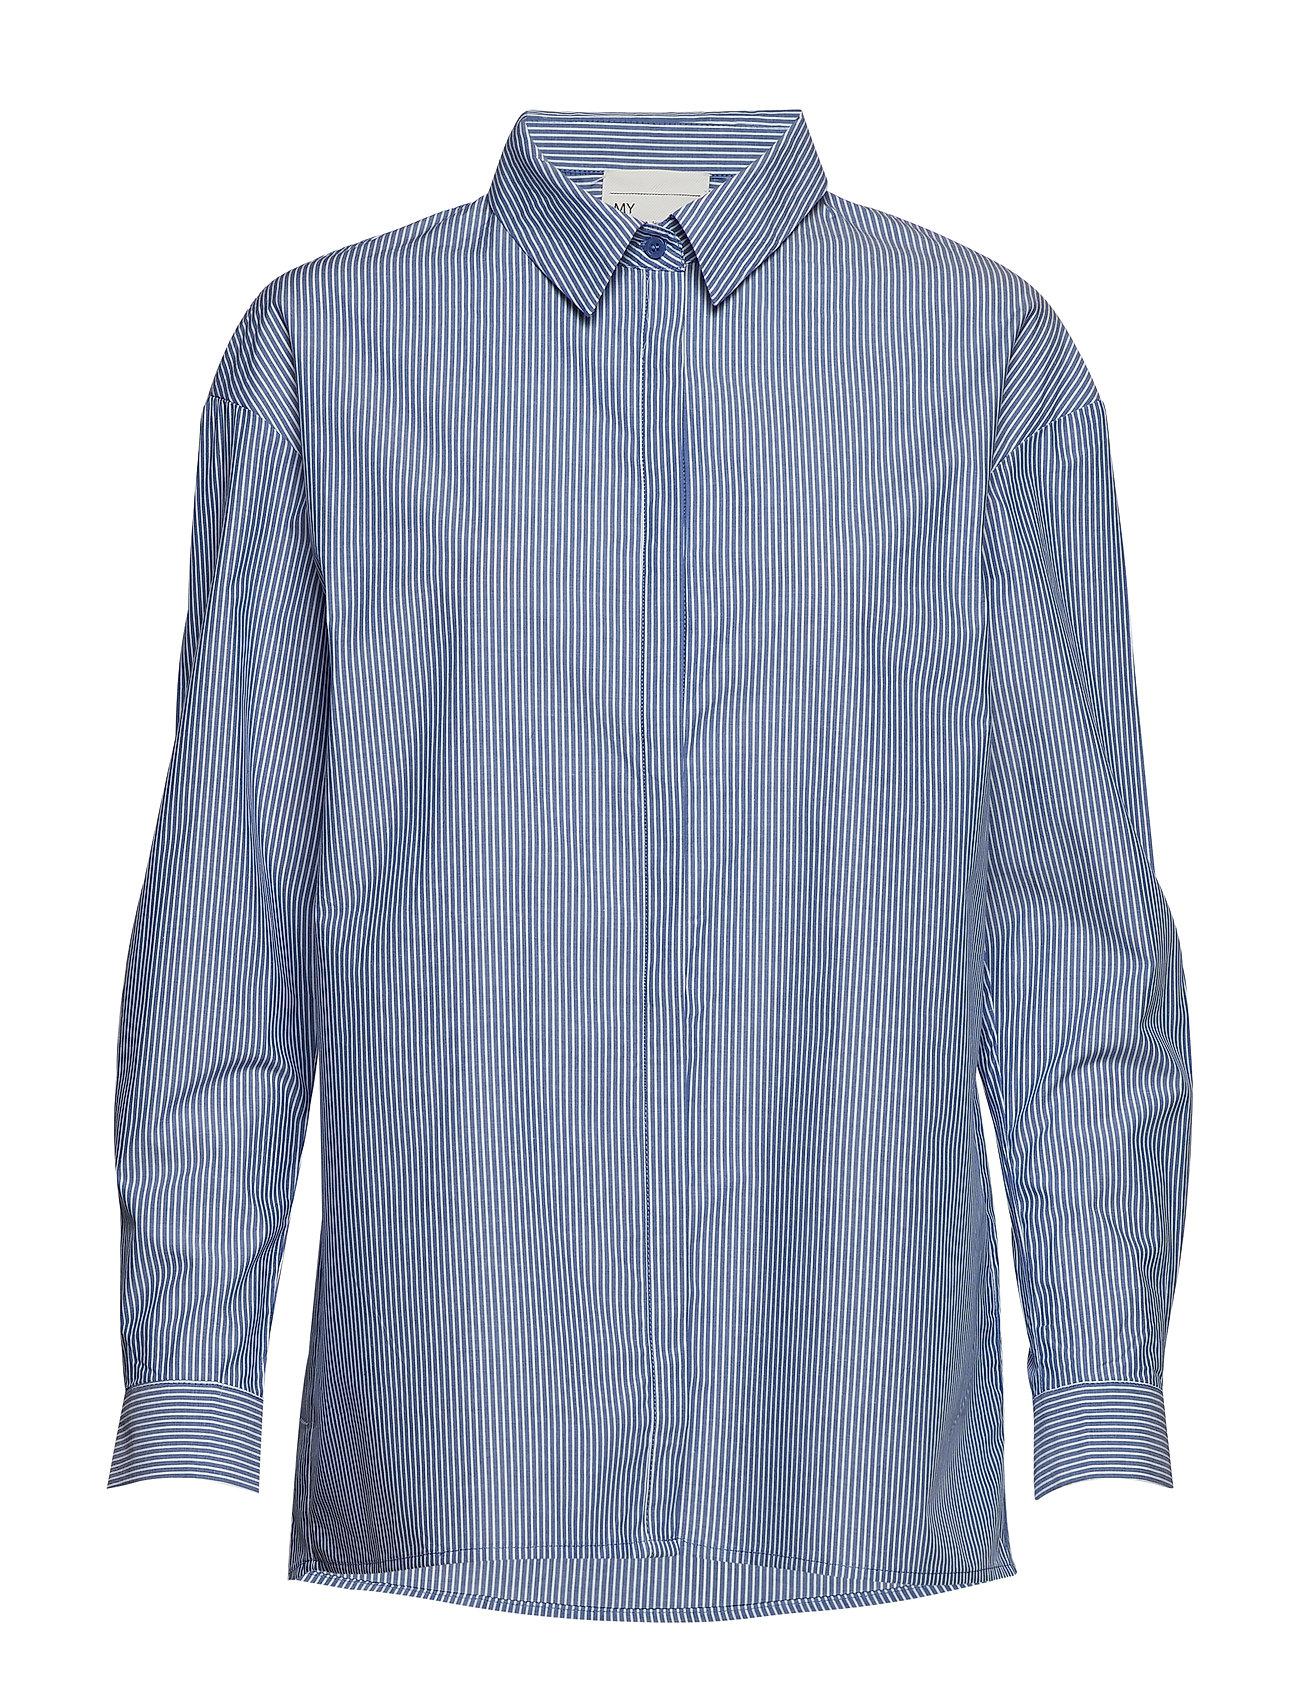 03 The Shirt Pitkähihainen Paita Sininen Denim Hunter